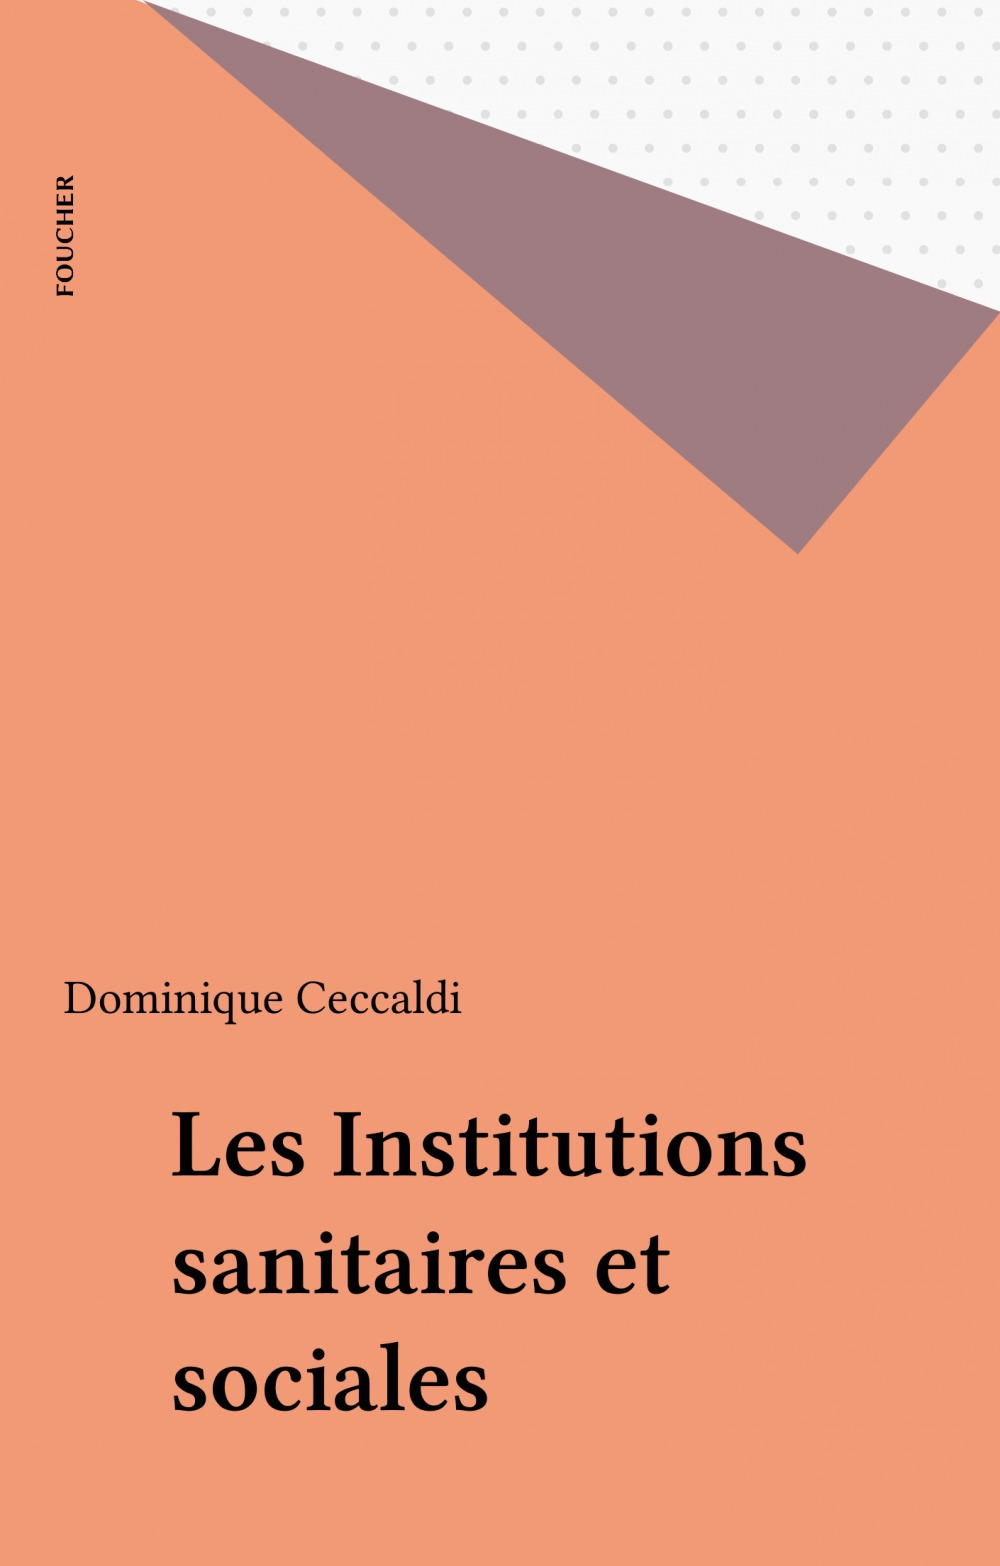 Les Institutions sanitaires et sociales